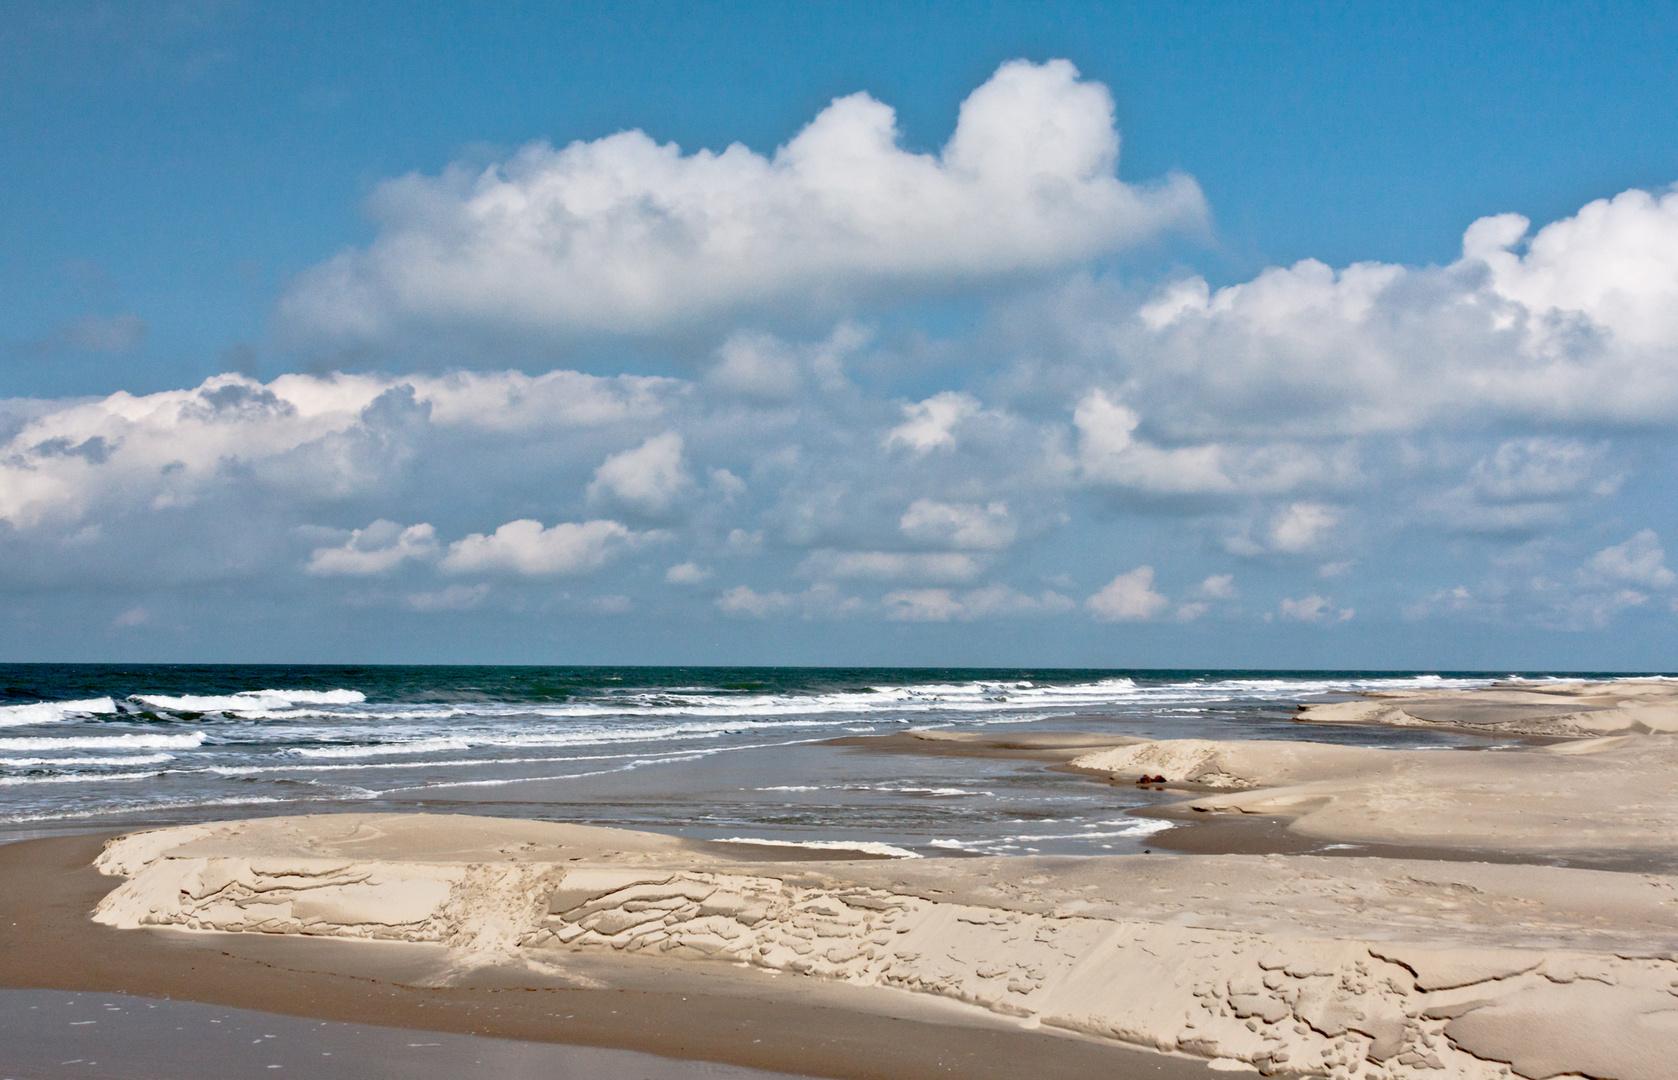 Bilder Meer Strand : meer und strand foto bild landschaft meer strand borkum bilder auf fotocommunity ~ Eleganceandgraceweddings.com Haus und Dekorationen